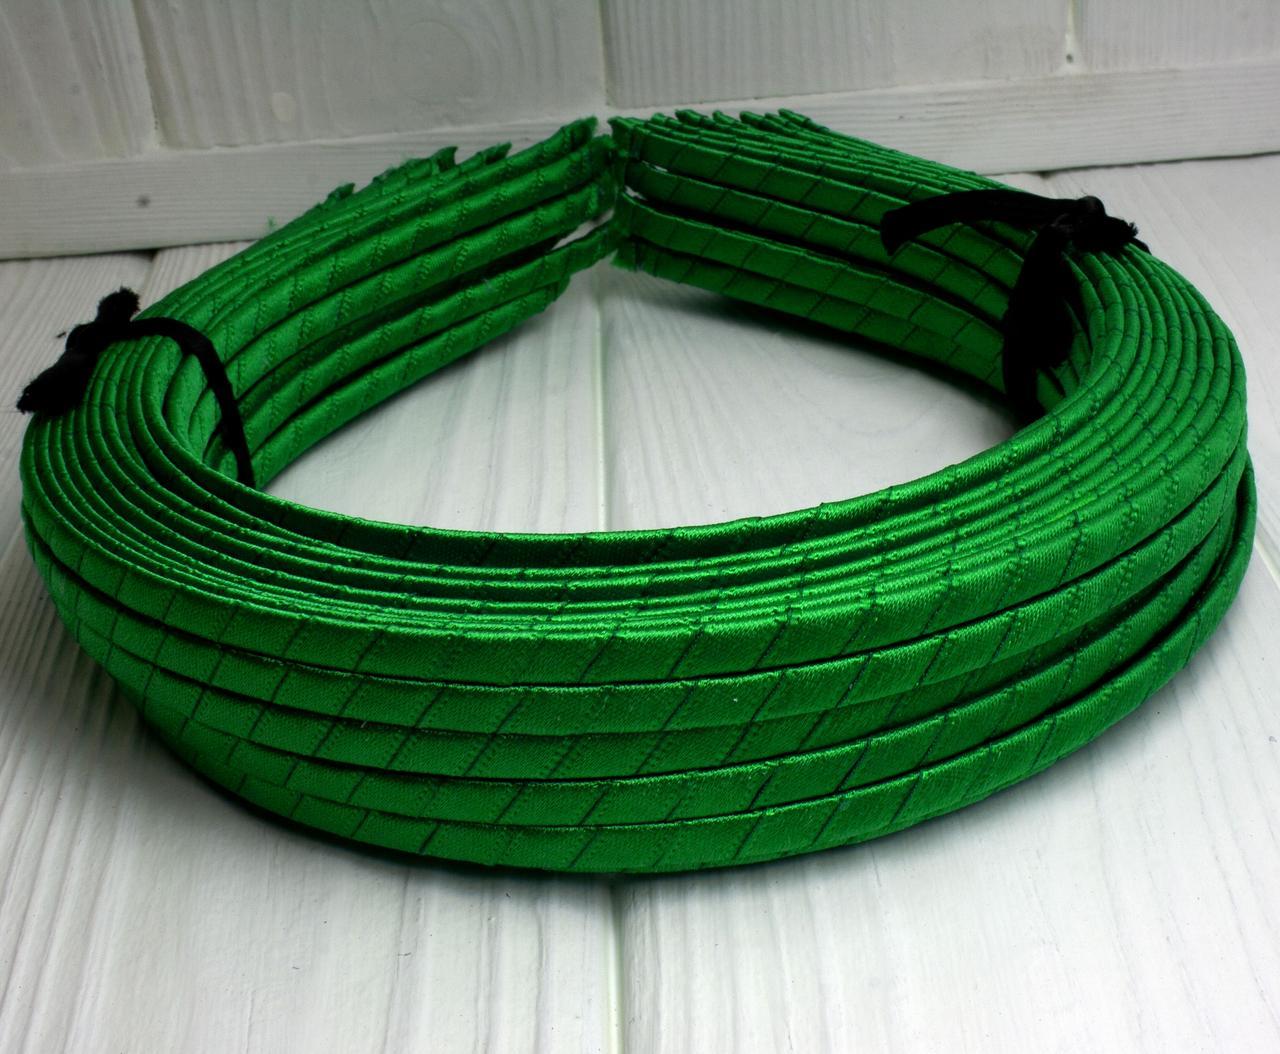 (50шт) Обруч  обмотанный атласной лентой  (5мм металлический).Цена за 50 шт. Цвет - зеленый